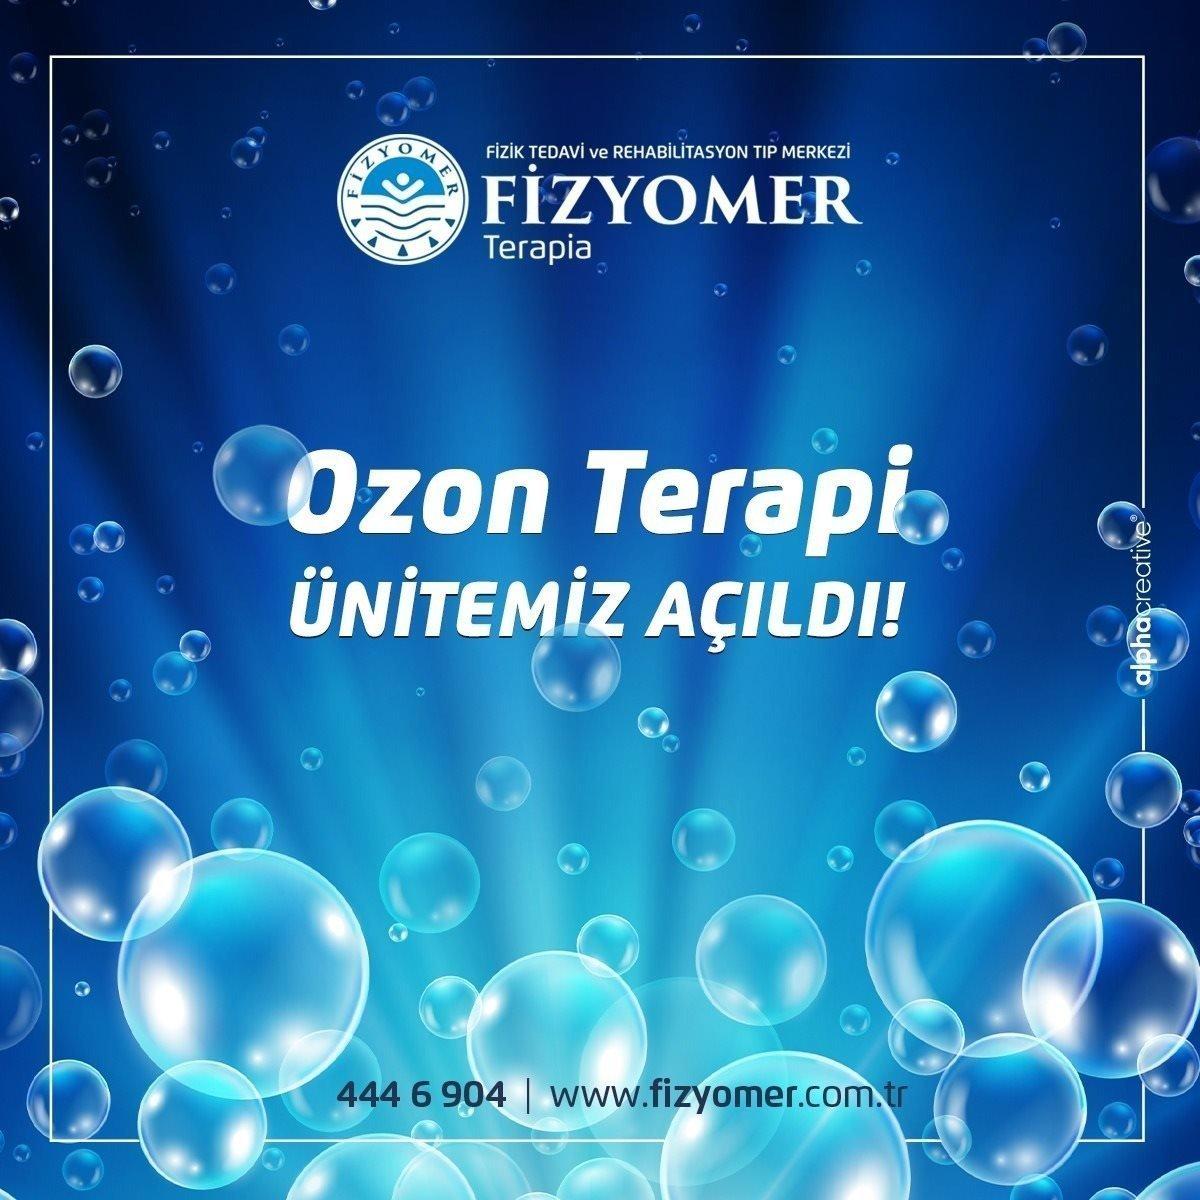 Ozon Terapi Unitemiz Açıldı